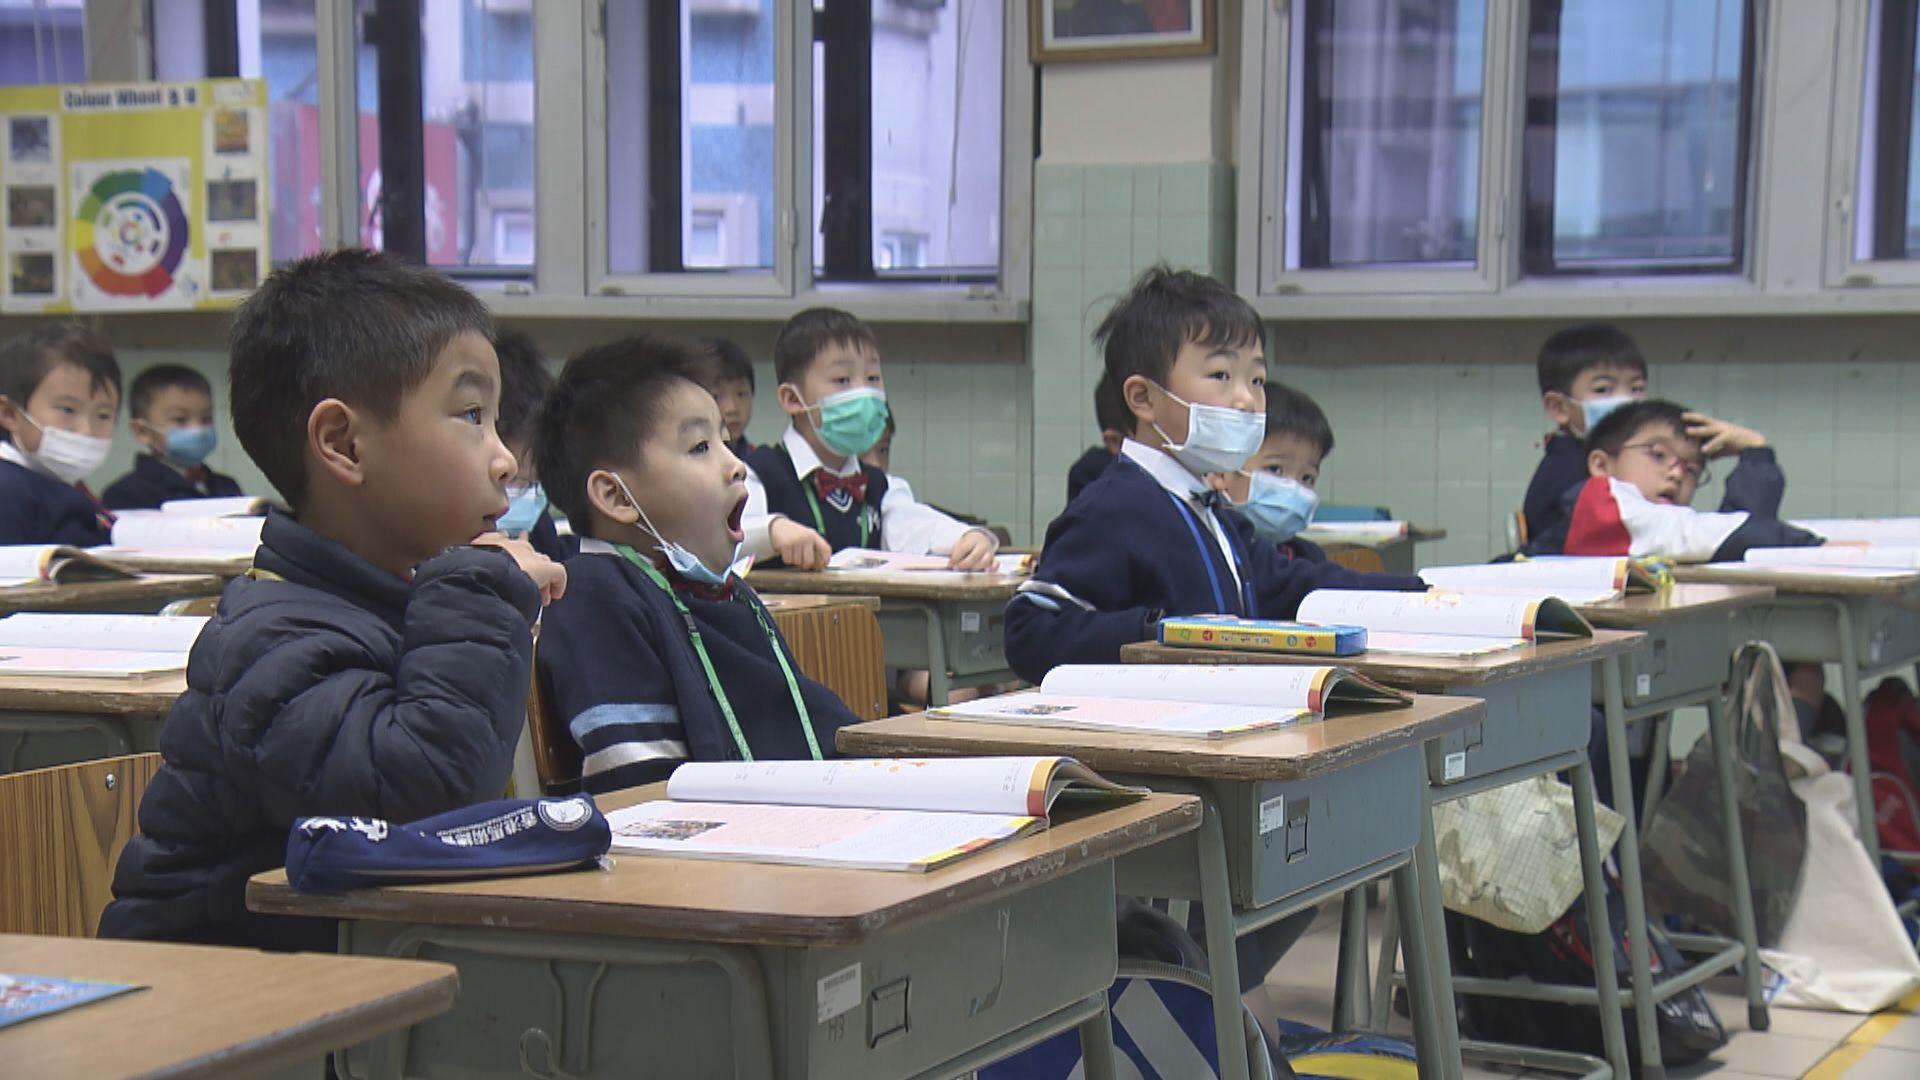 有中小學校長認為政府應考慮調整未來數年考核標準